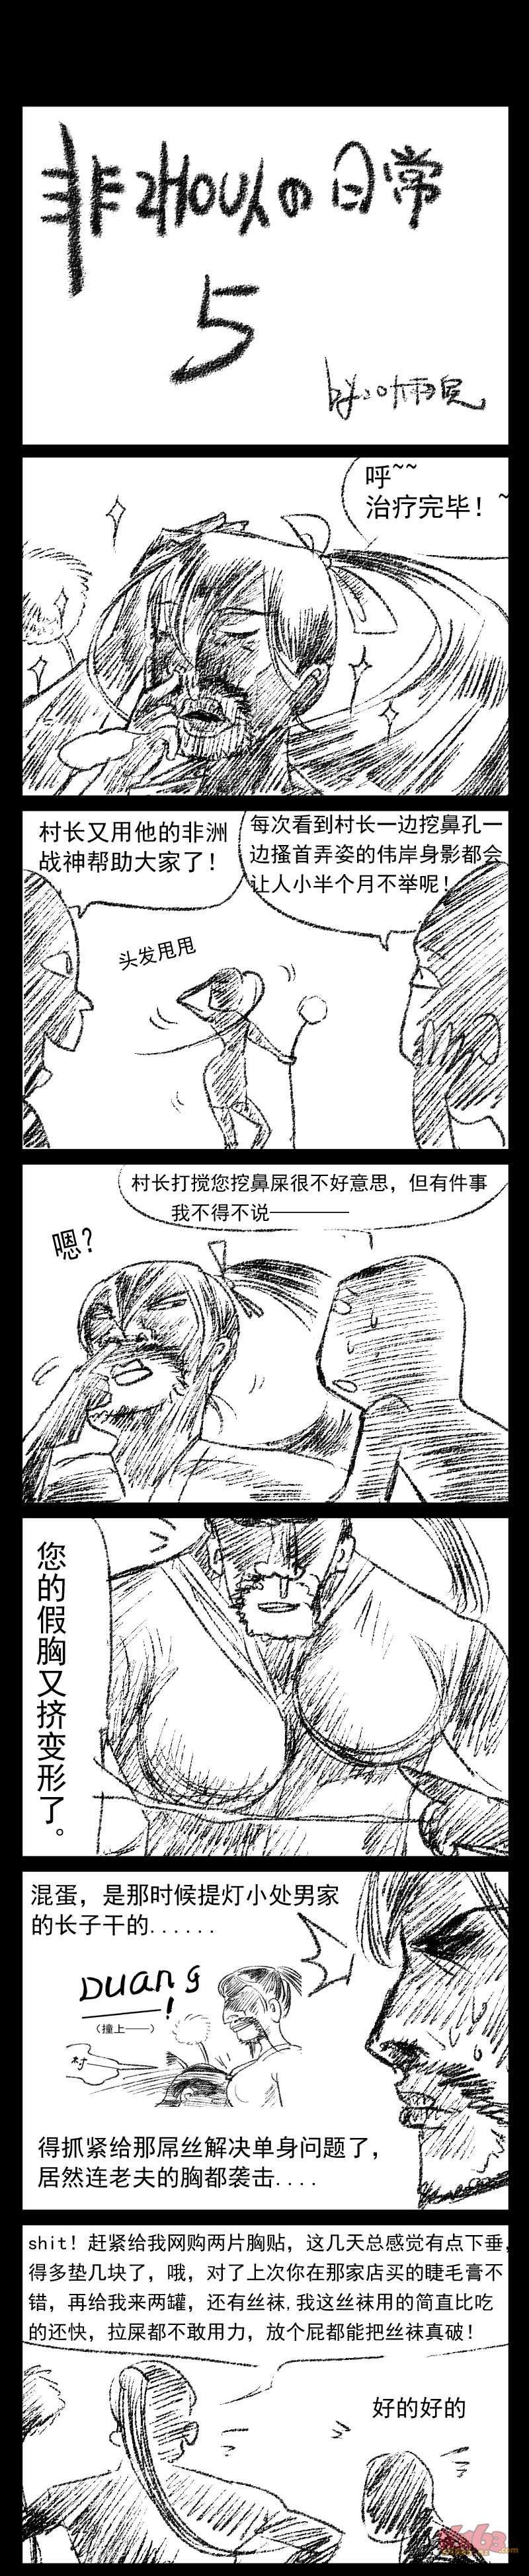 阴阳师条漫11副本.jpg